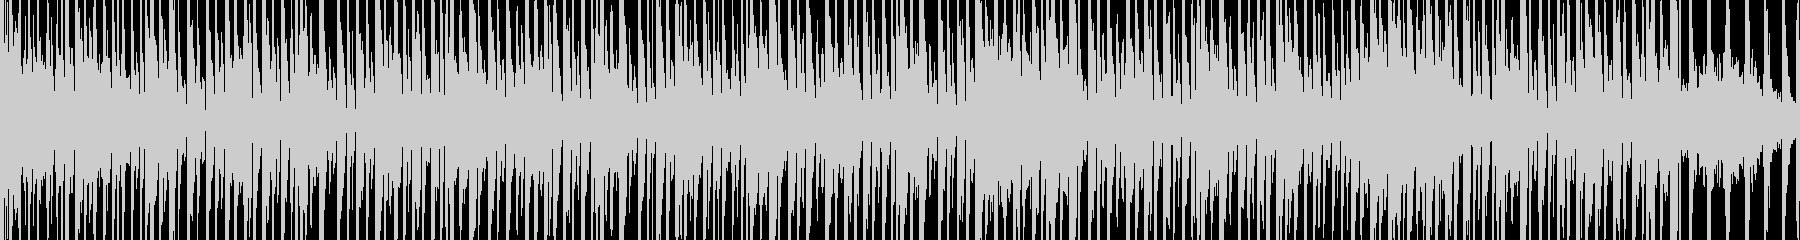 ダークな雰囲気のエレクトリックBGMの未再生の波形